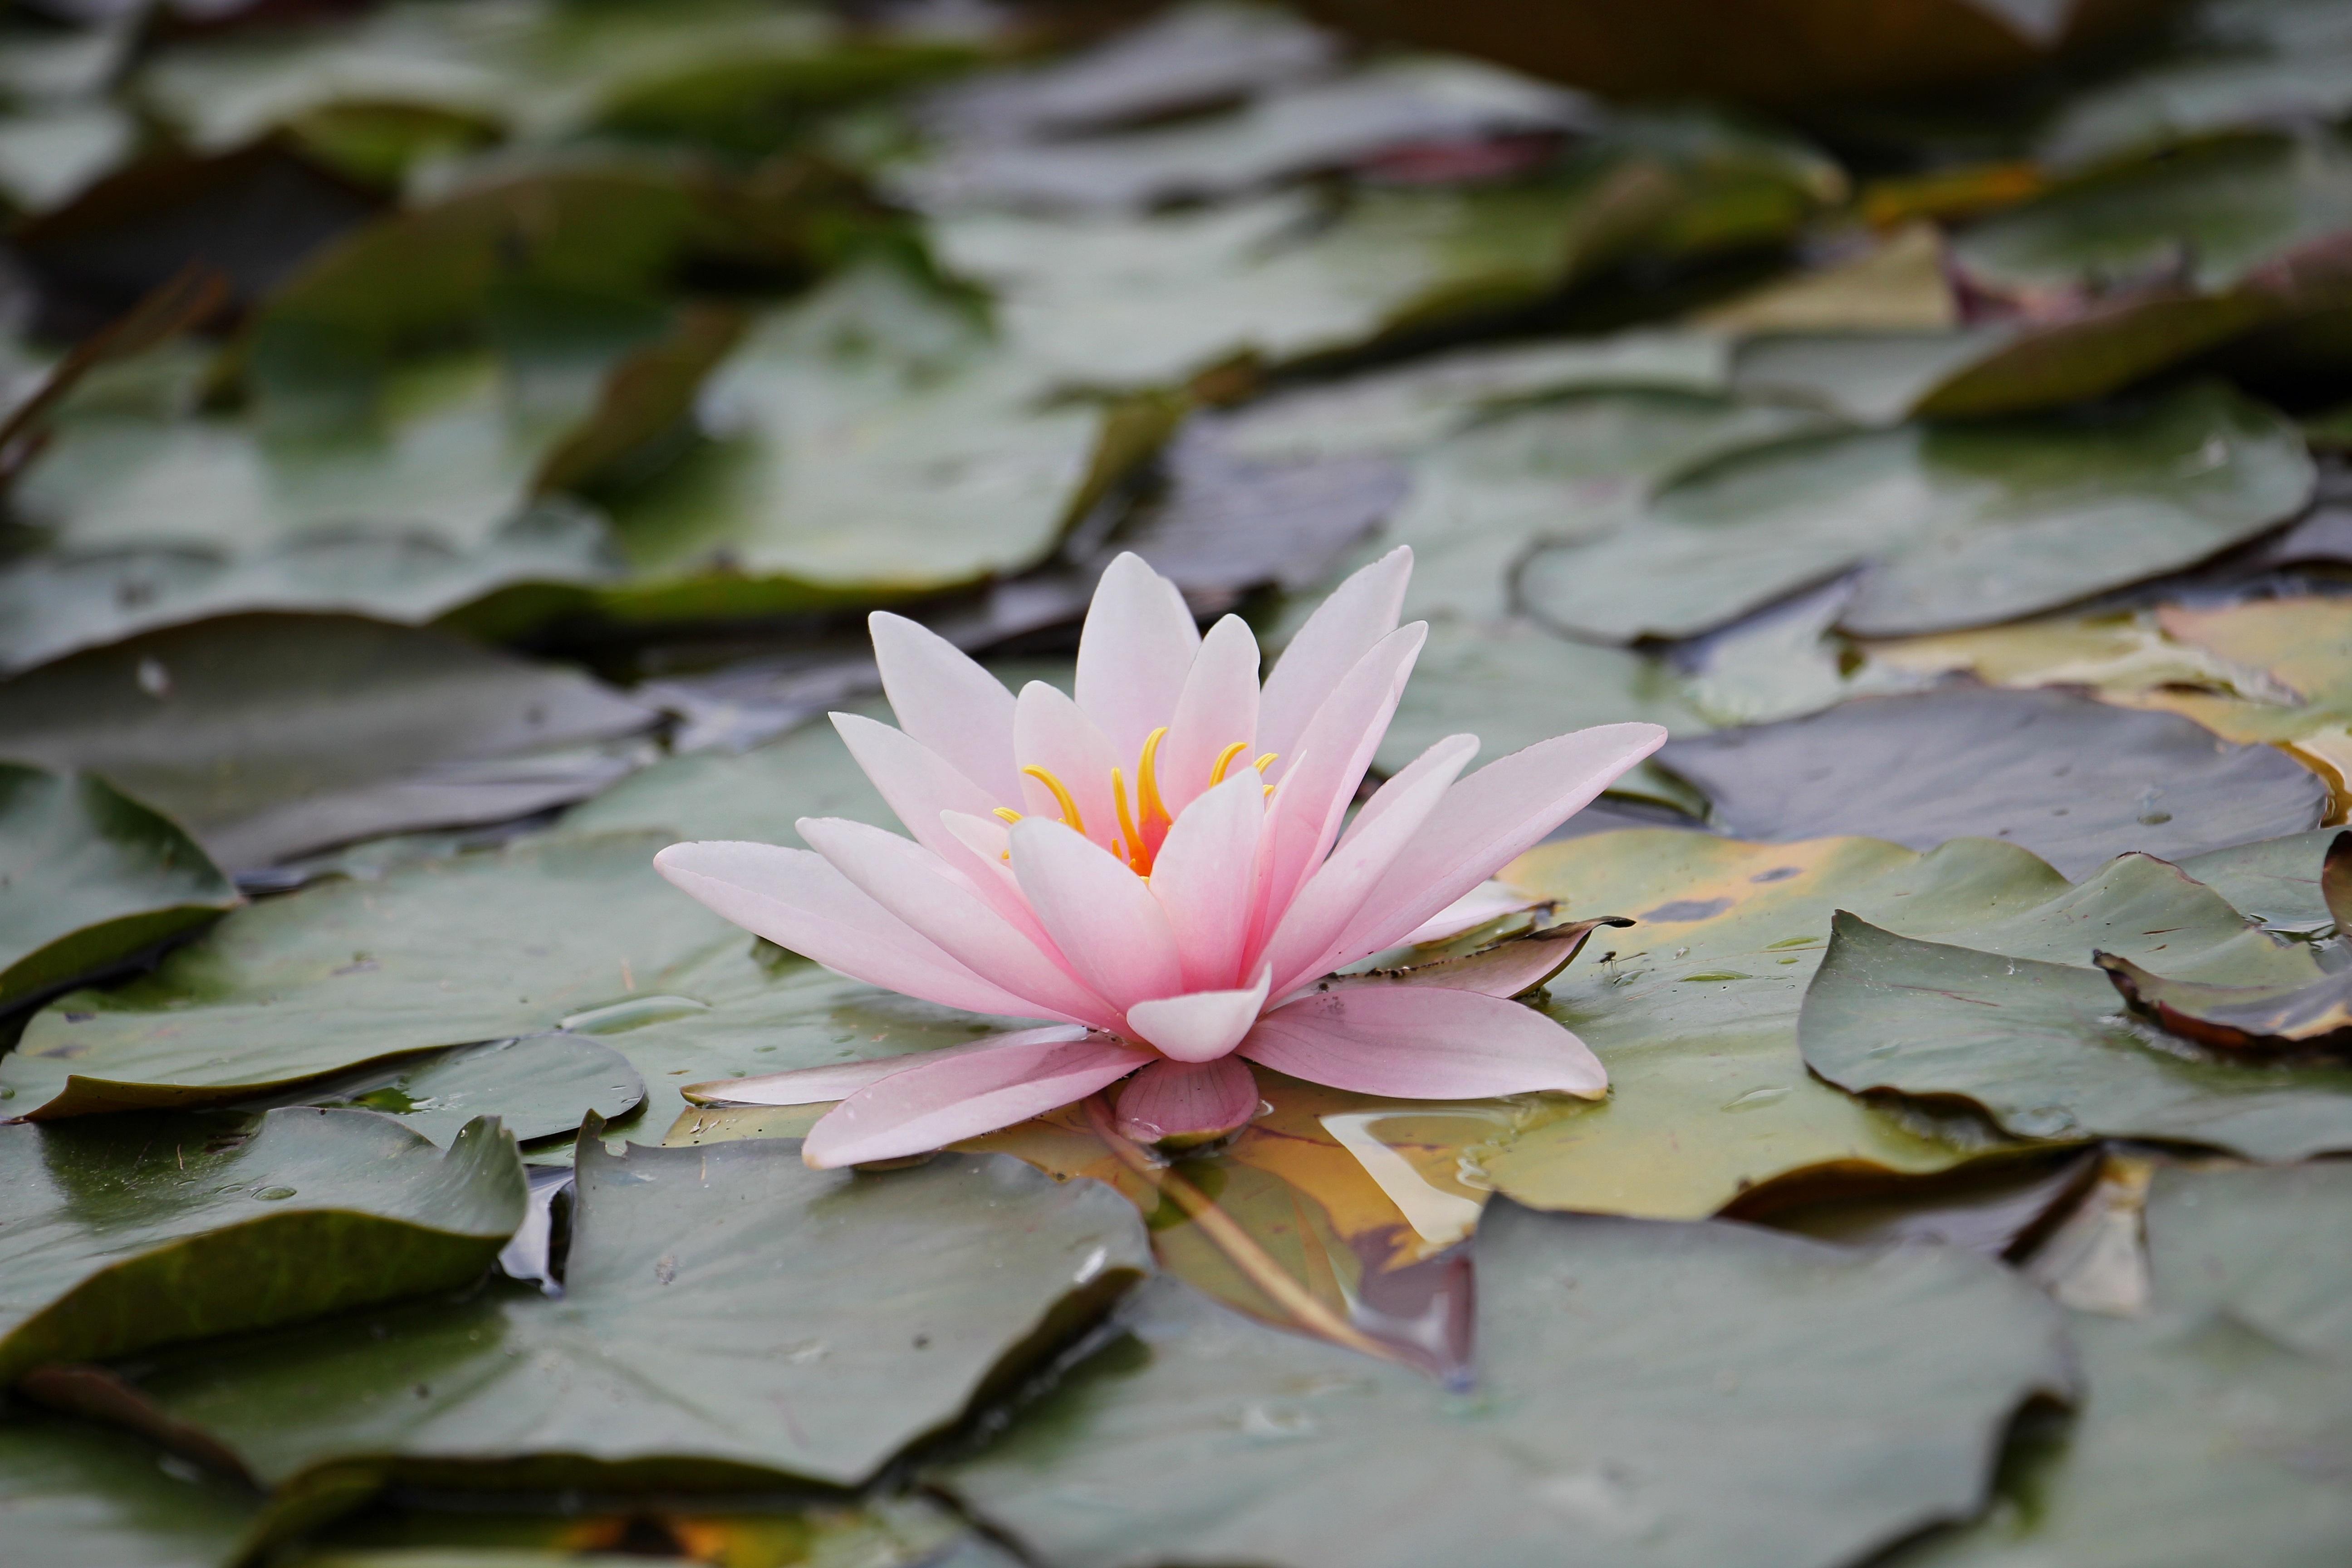 Free Images Nature Blossom Leaf Flower Petal Bloom Pond